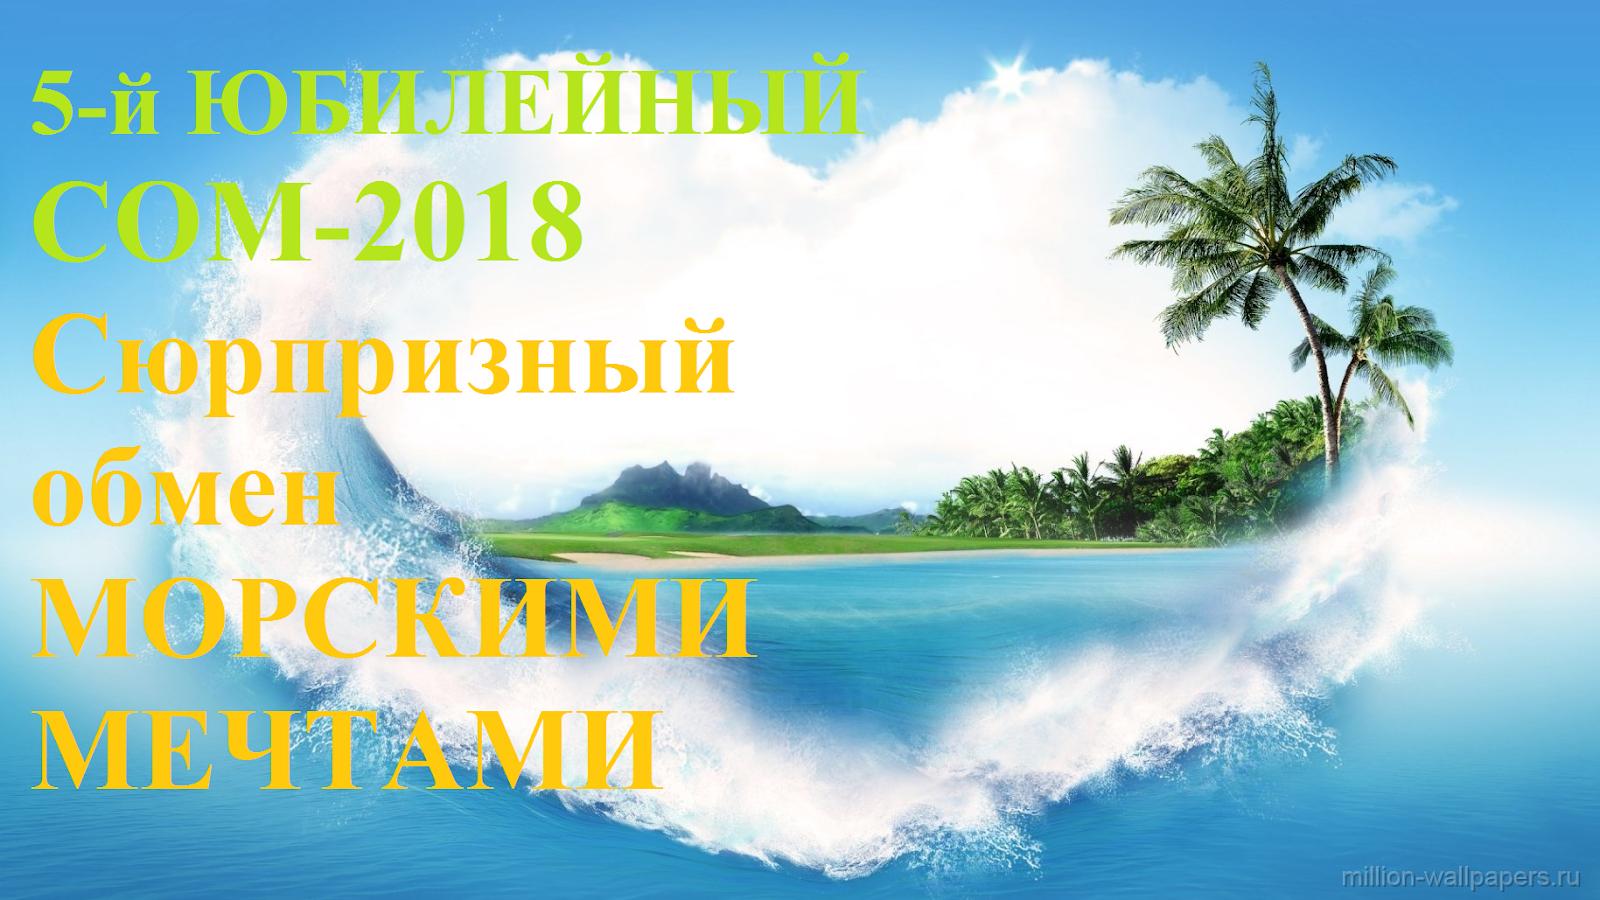 ГАЛЕРЕЯ СОМ-2018 по этой ссылке